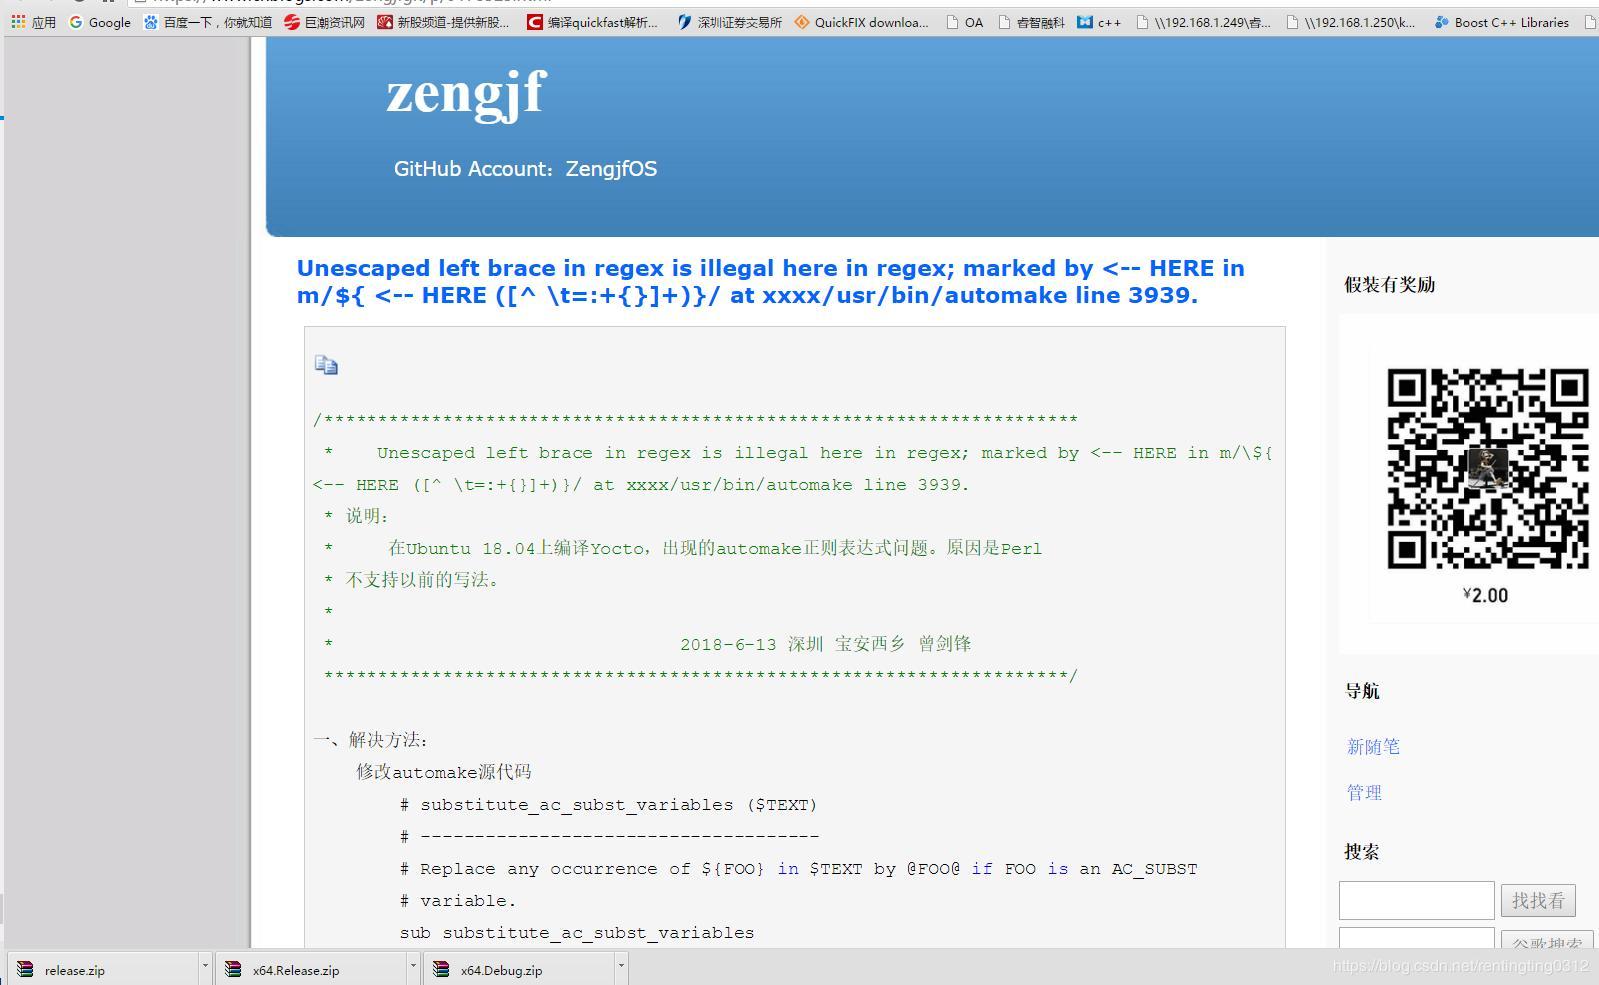 tortoisegit+github] error:1407742E:SSL routines